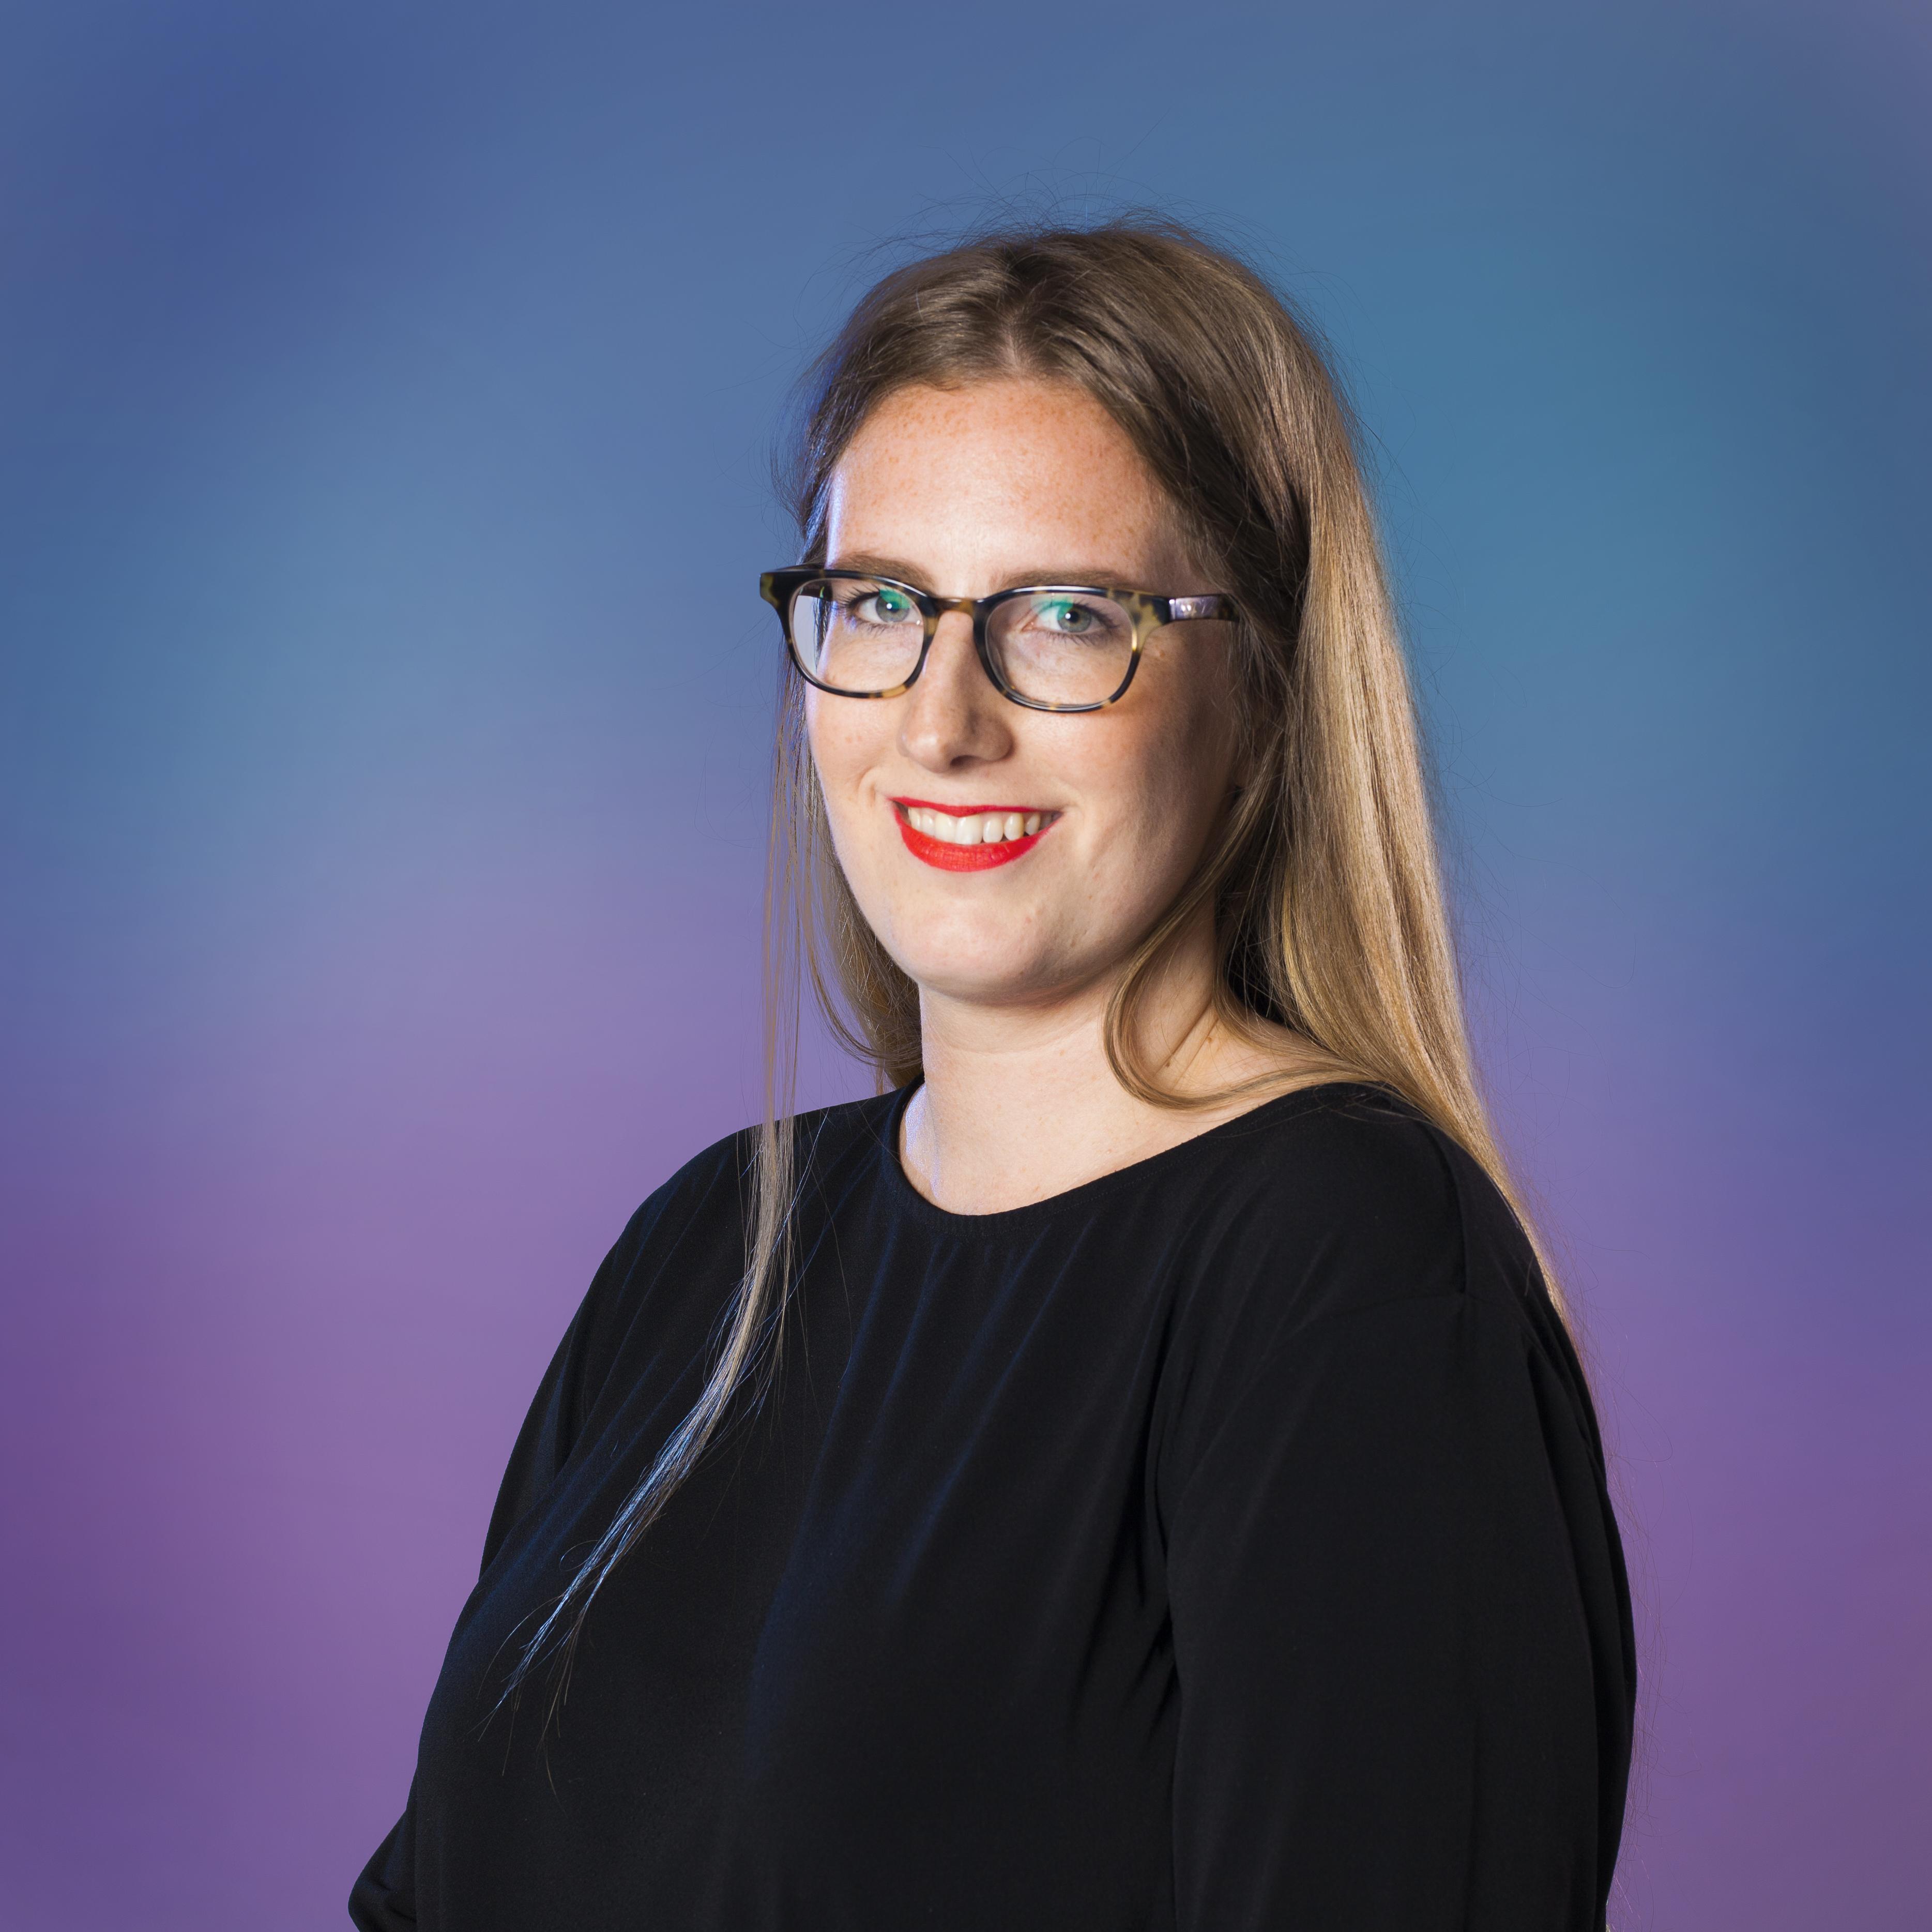 Karen Ósk Magnúsdóttir